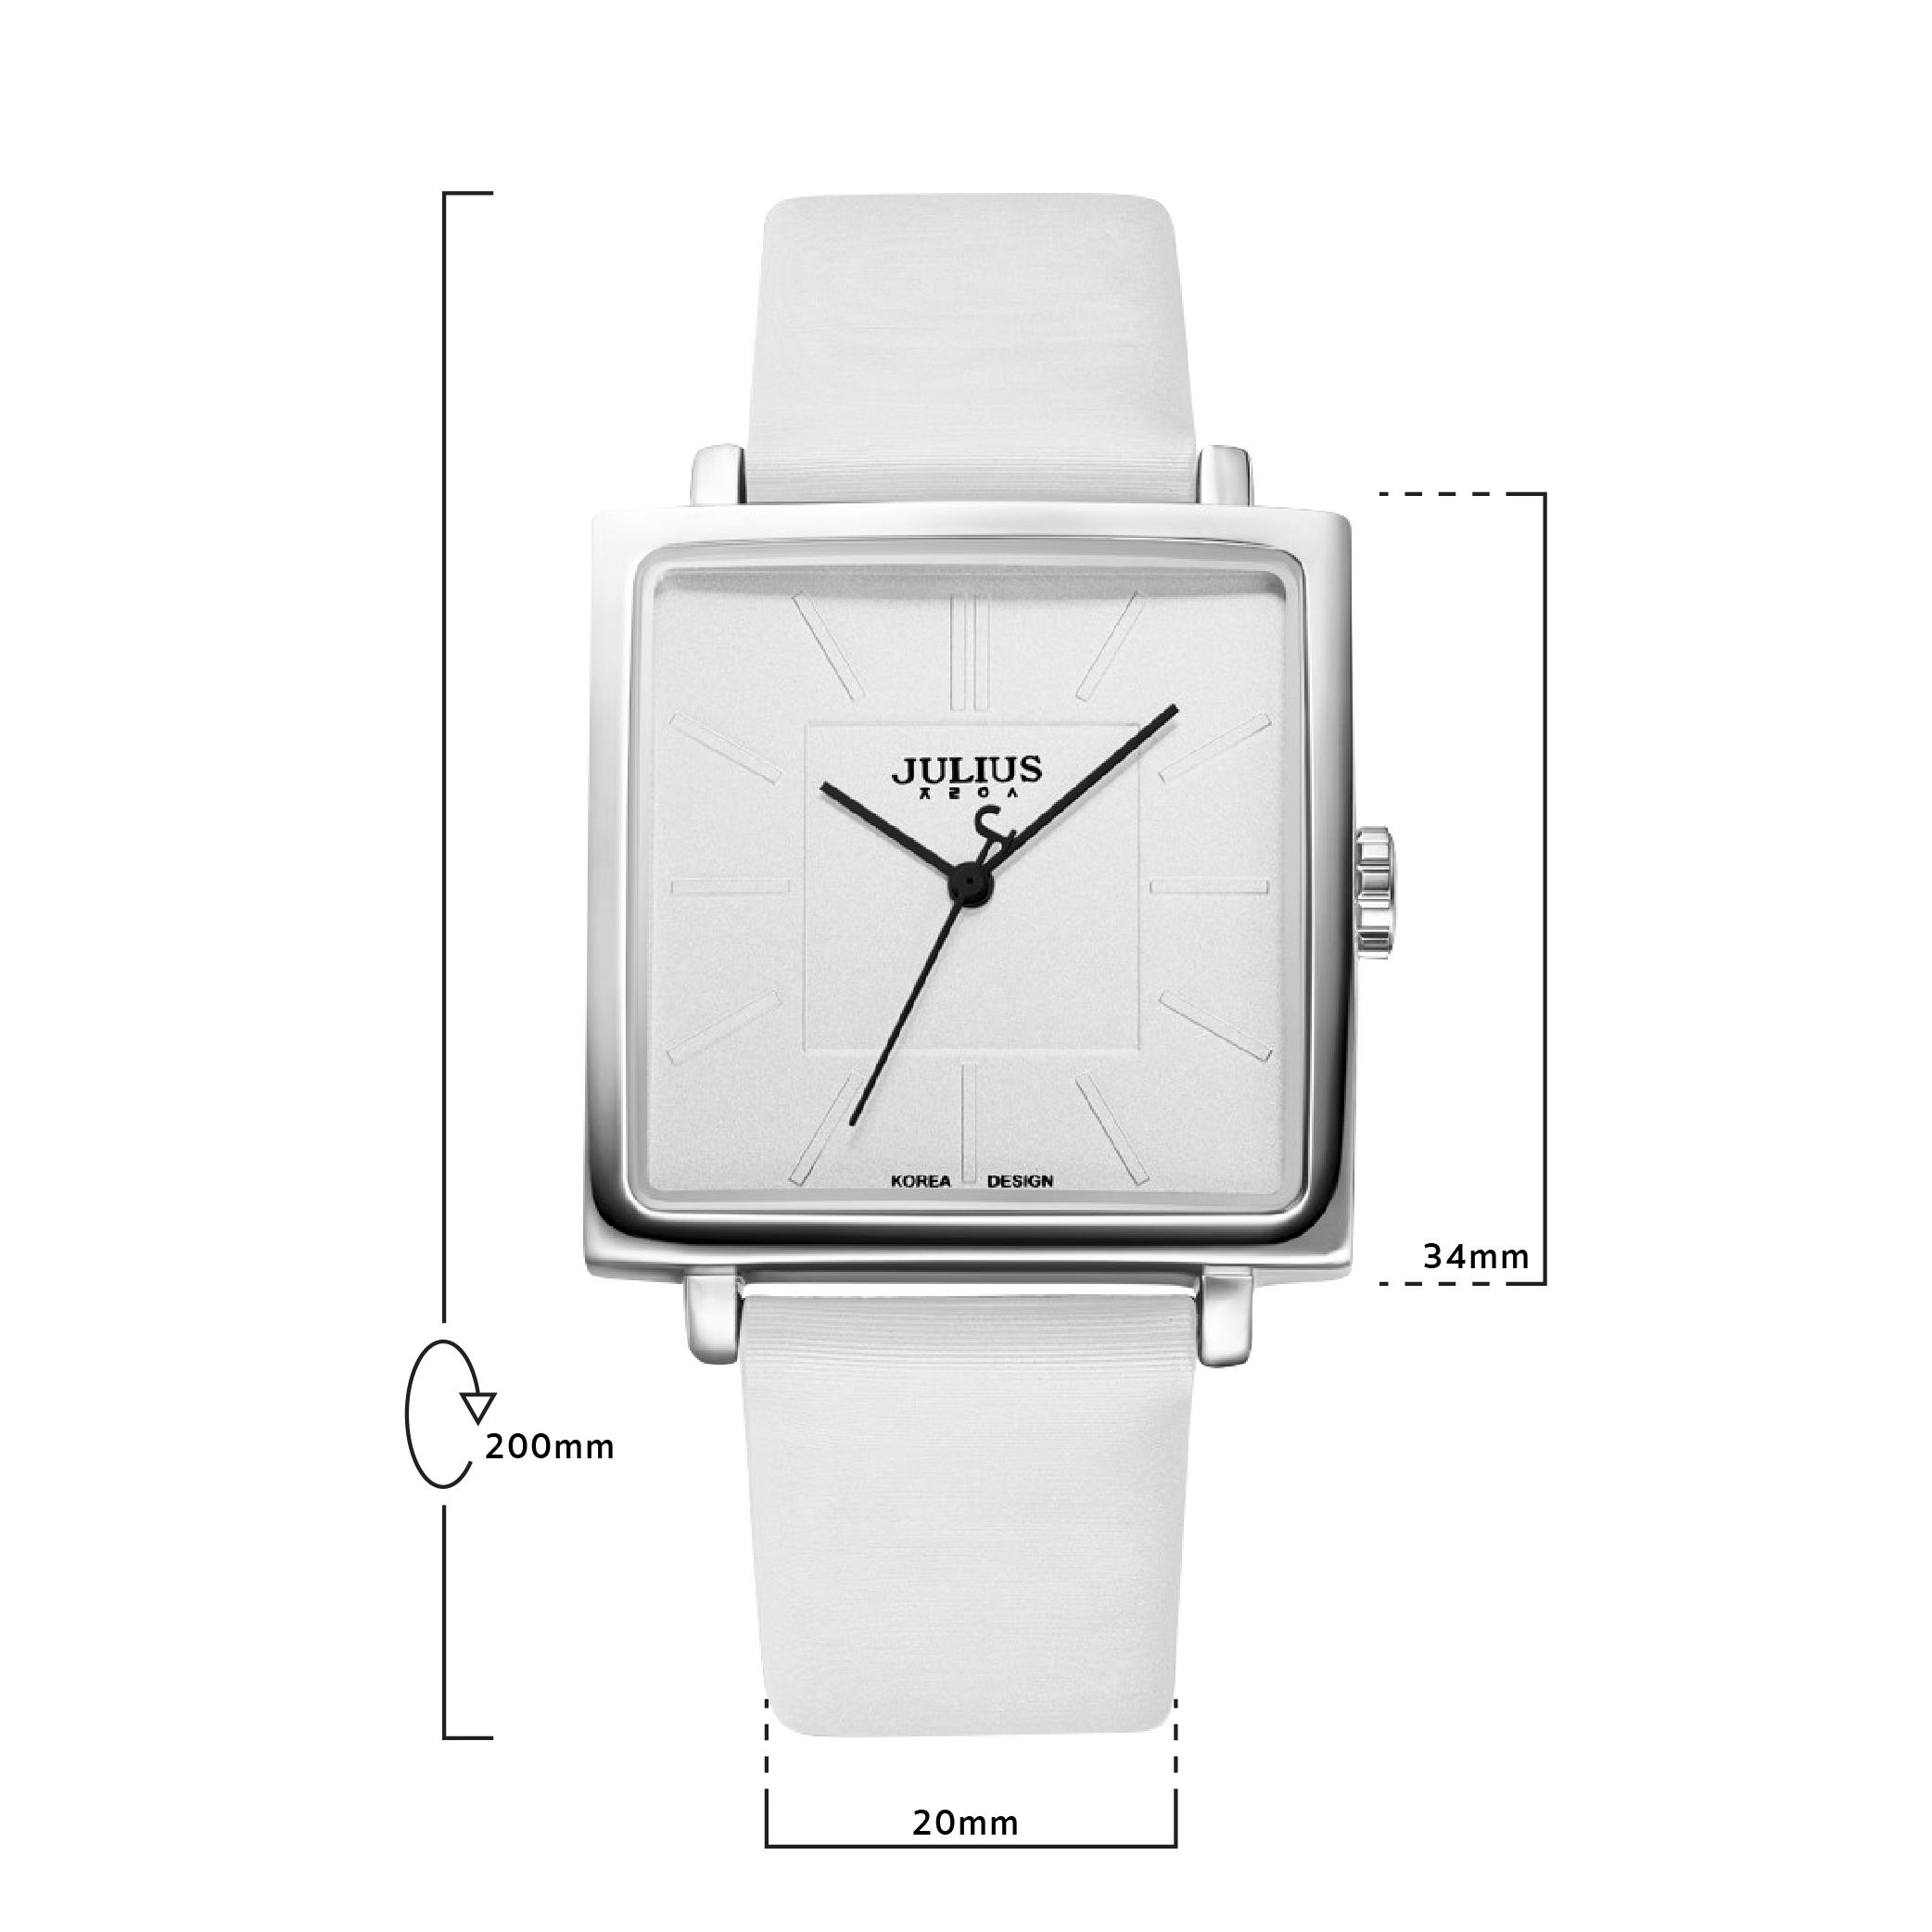 นาฬิกาข้อมือผู้หญิง JULIUS 354F